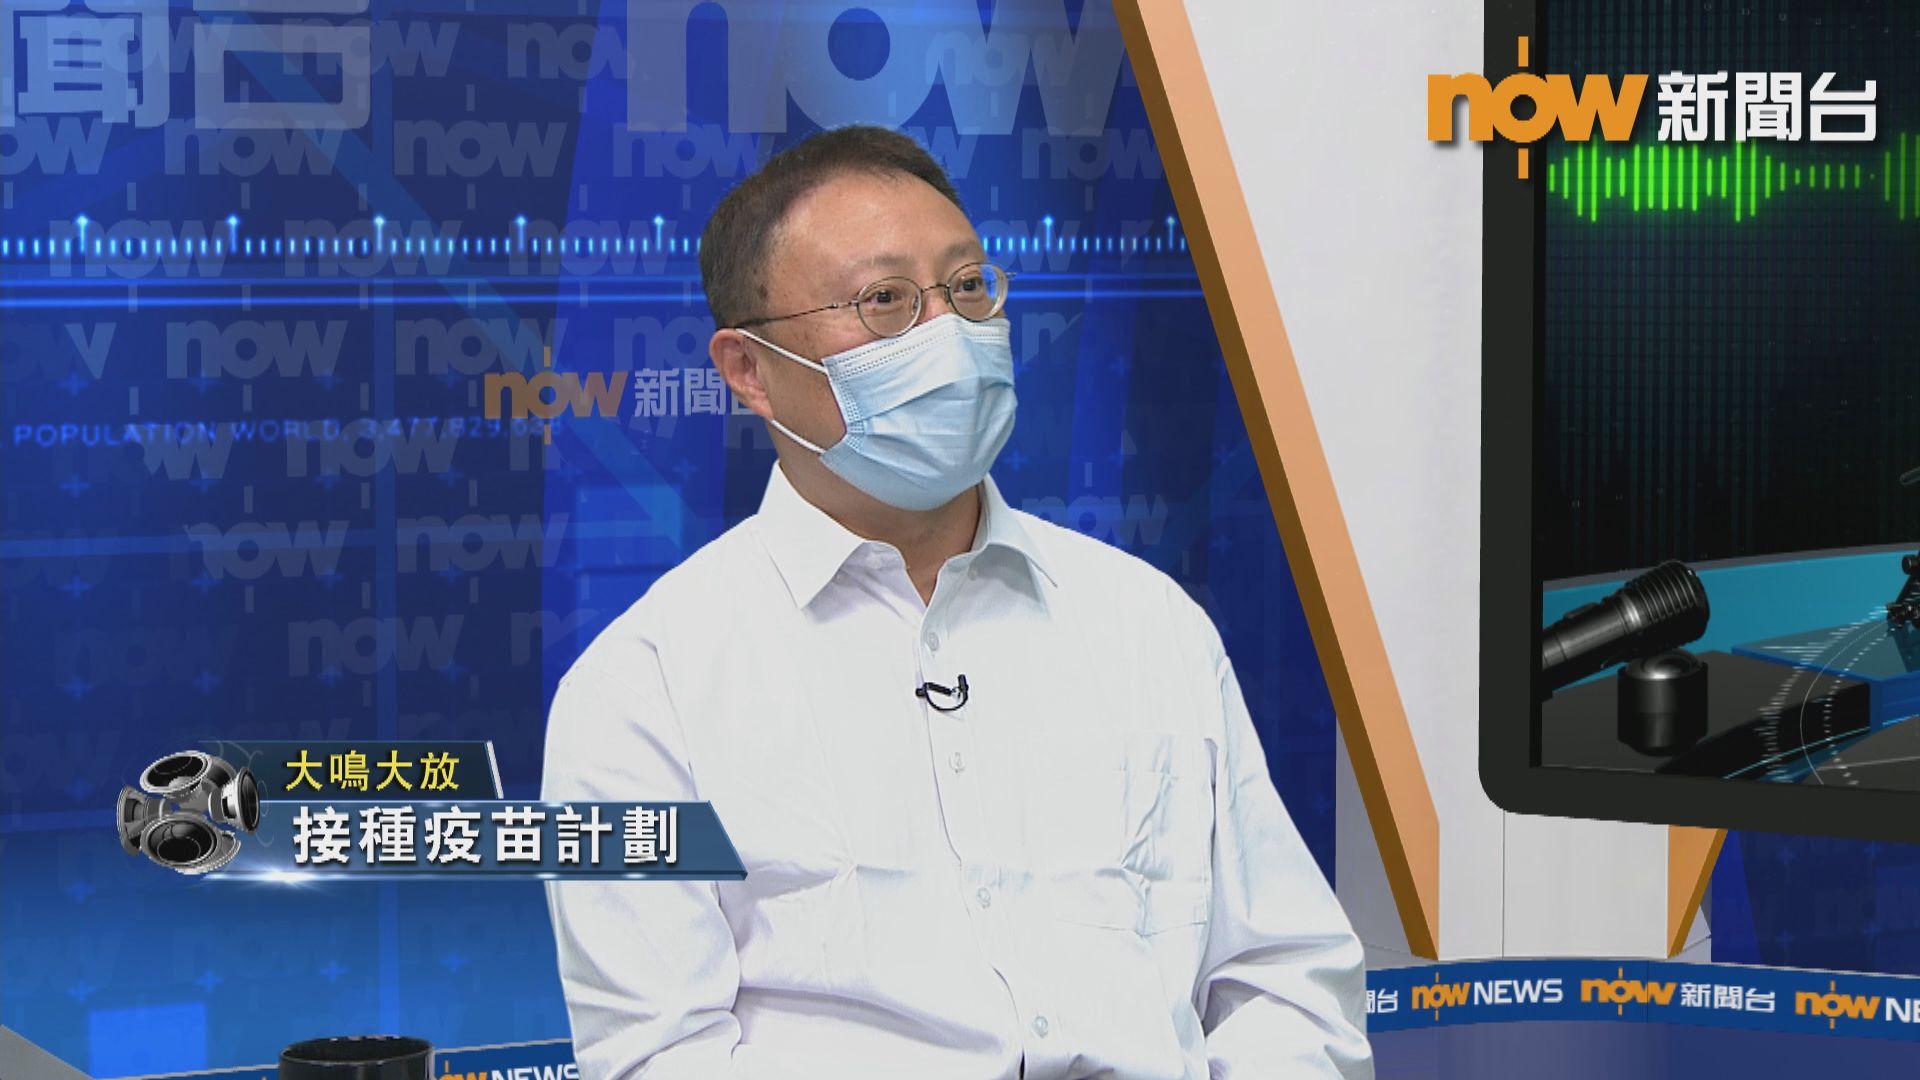 【大鳴大放】新冠疫苗(一)